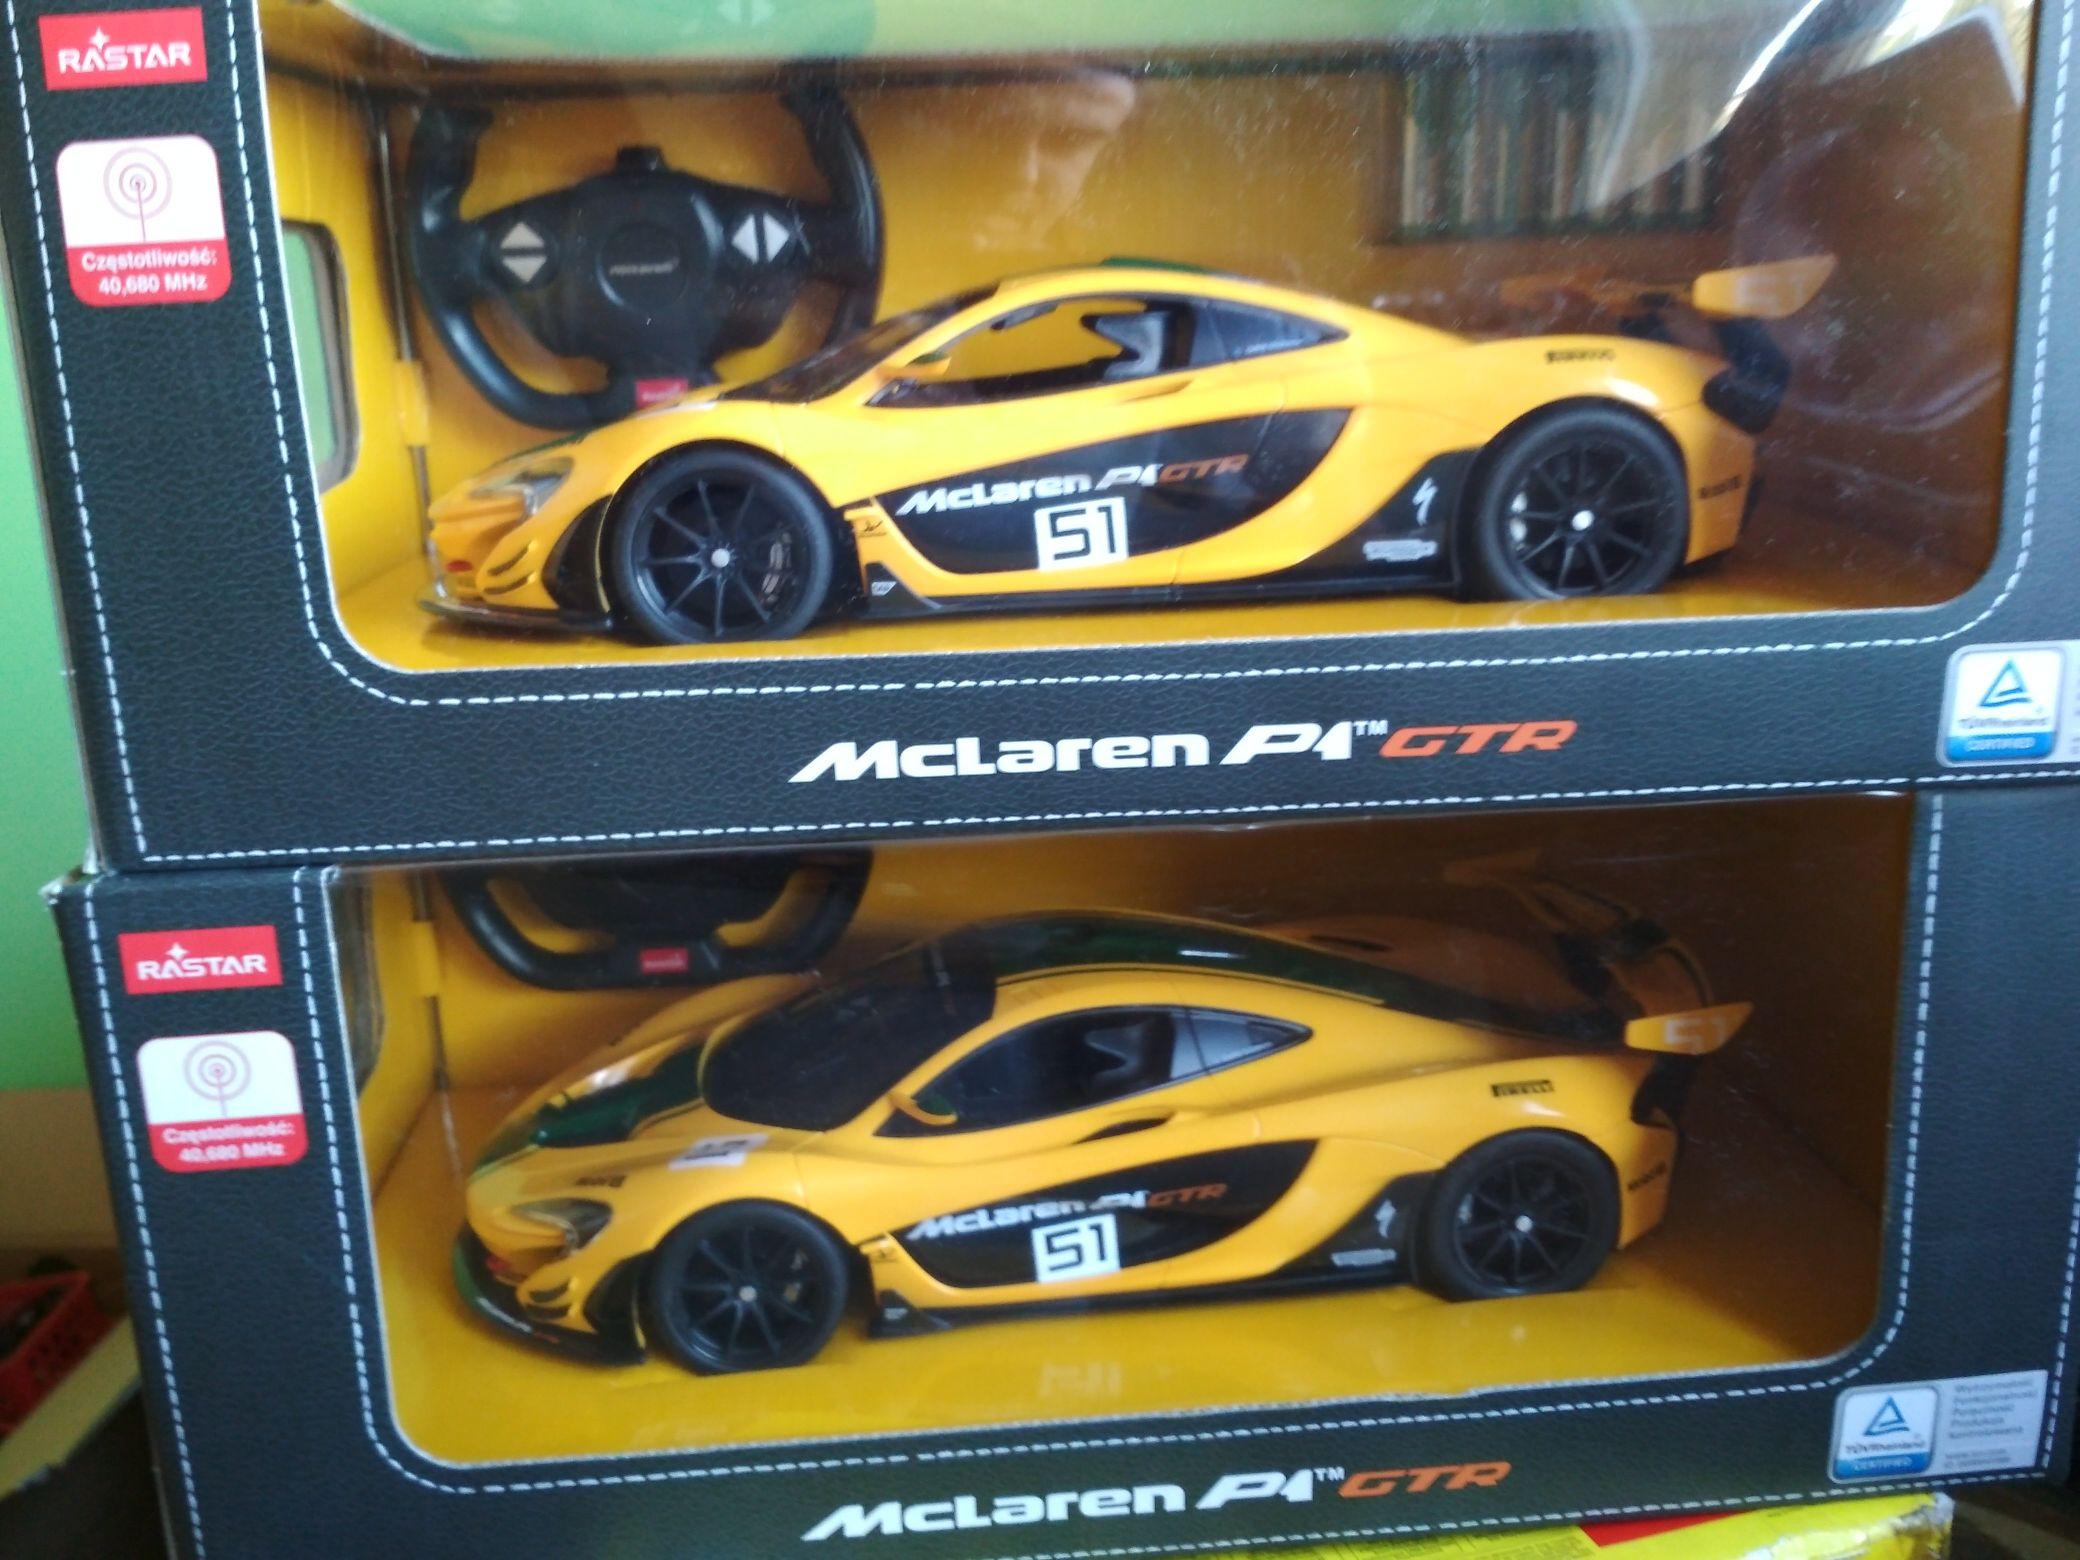 Mclaren p1 zdalnie sterowany około 33 cm długości skala 1/14 rastar były jeszcze dwa czarne, BMW M5 i Mustang